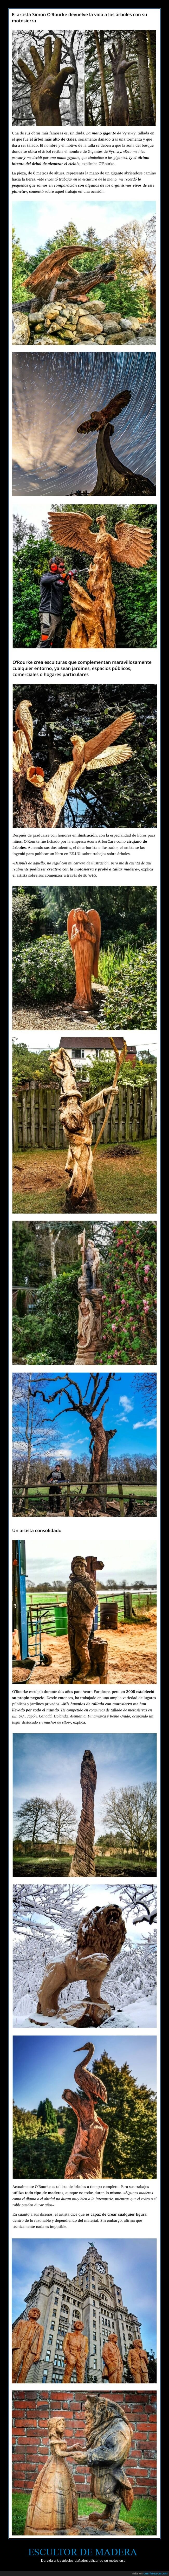 árboles,escultor,madera